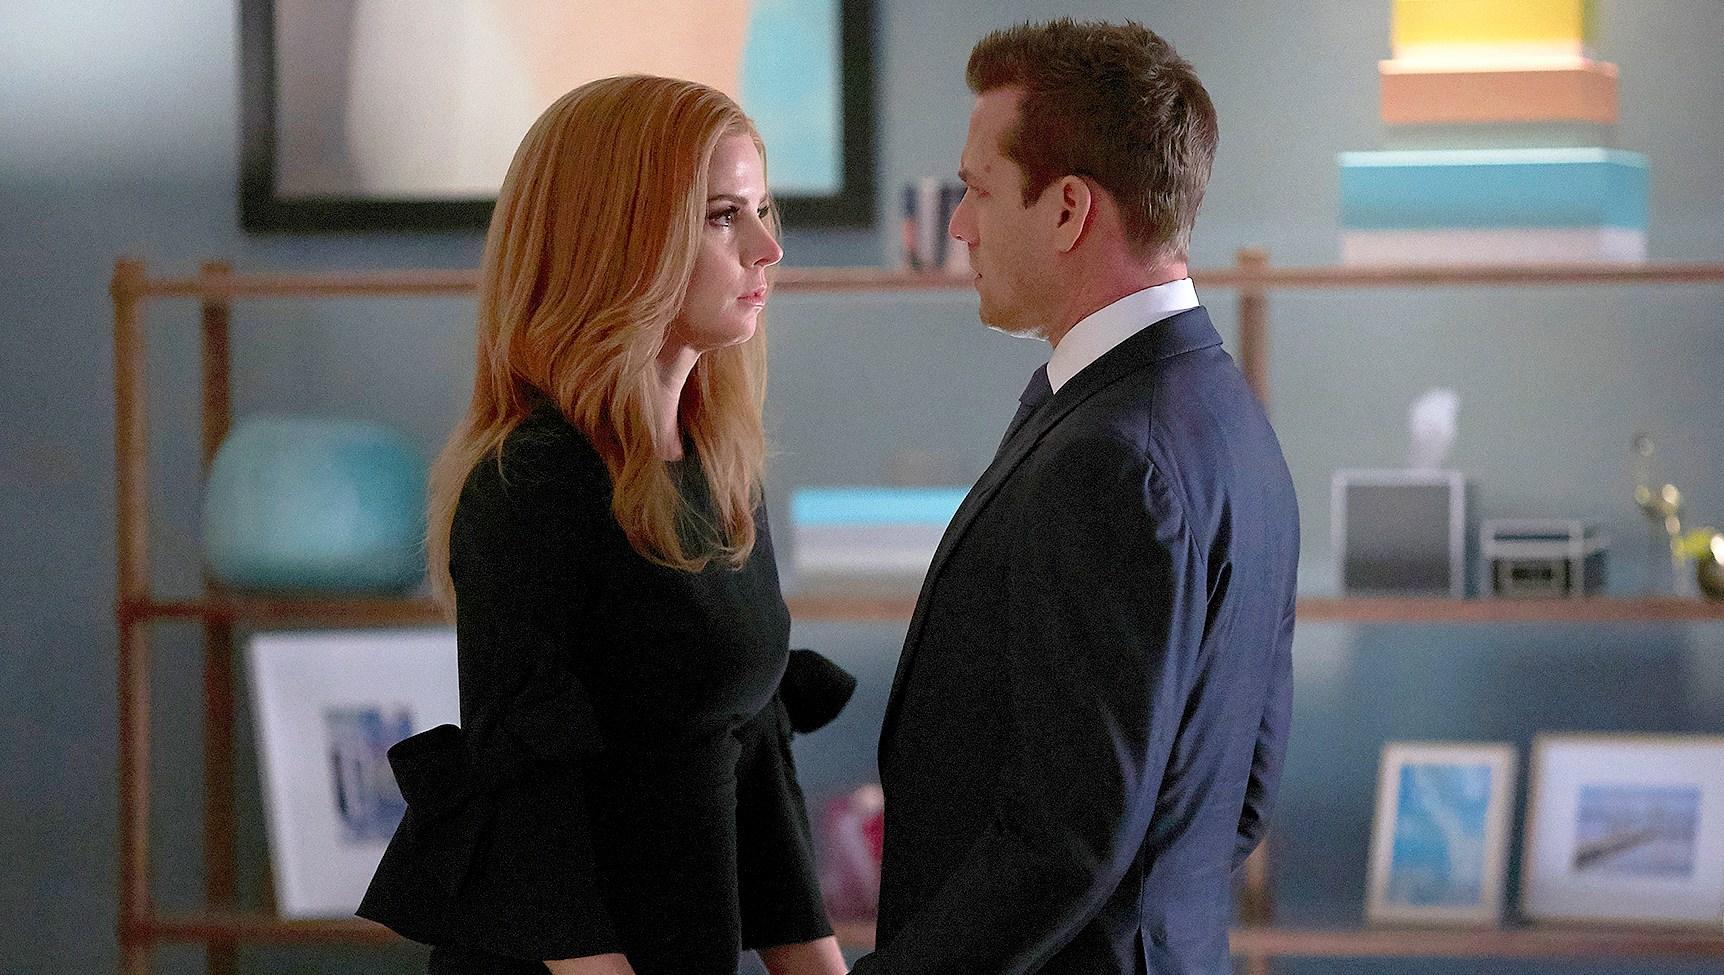 Sarah-Rafferty-as-Donna-Paulsen,-Gabriel-Macht-as-Harvey-Specter-Suits